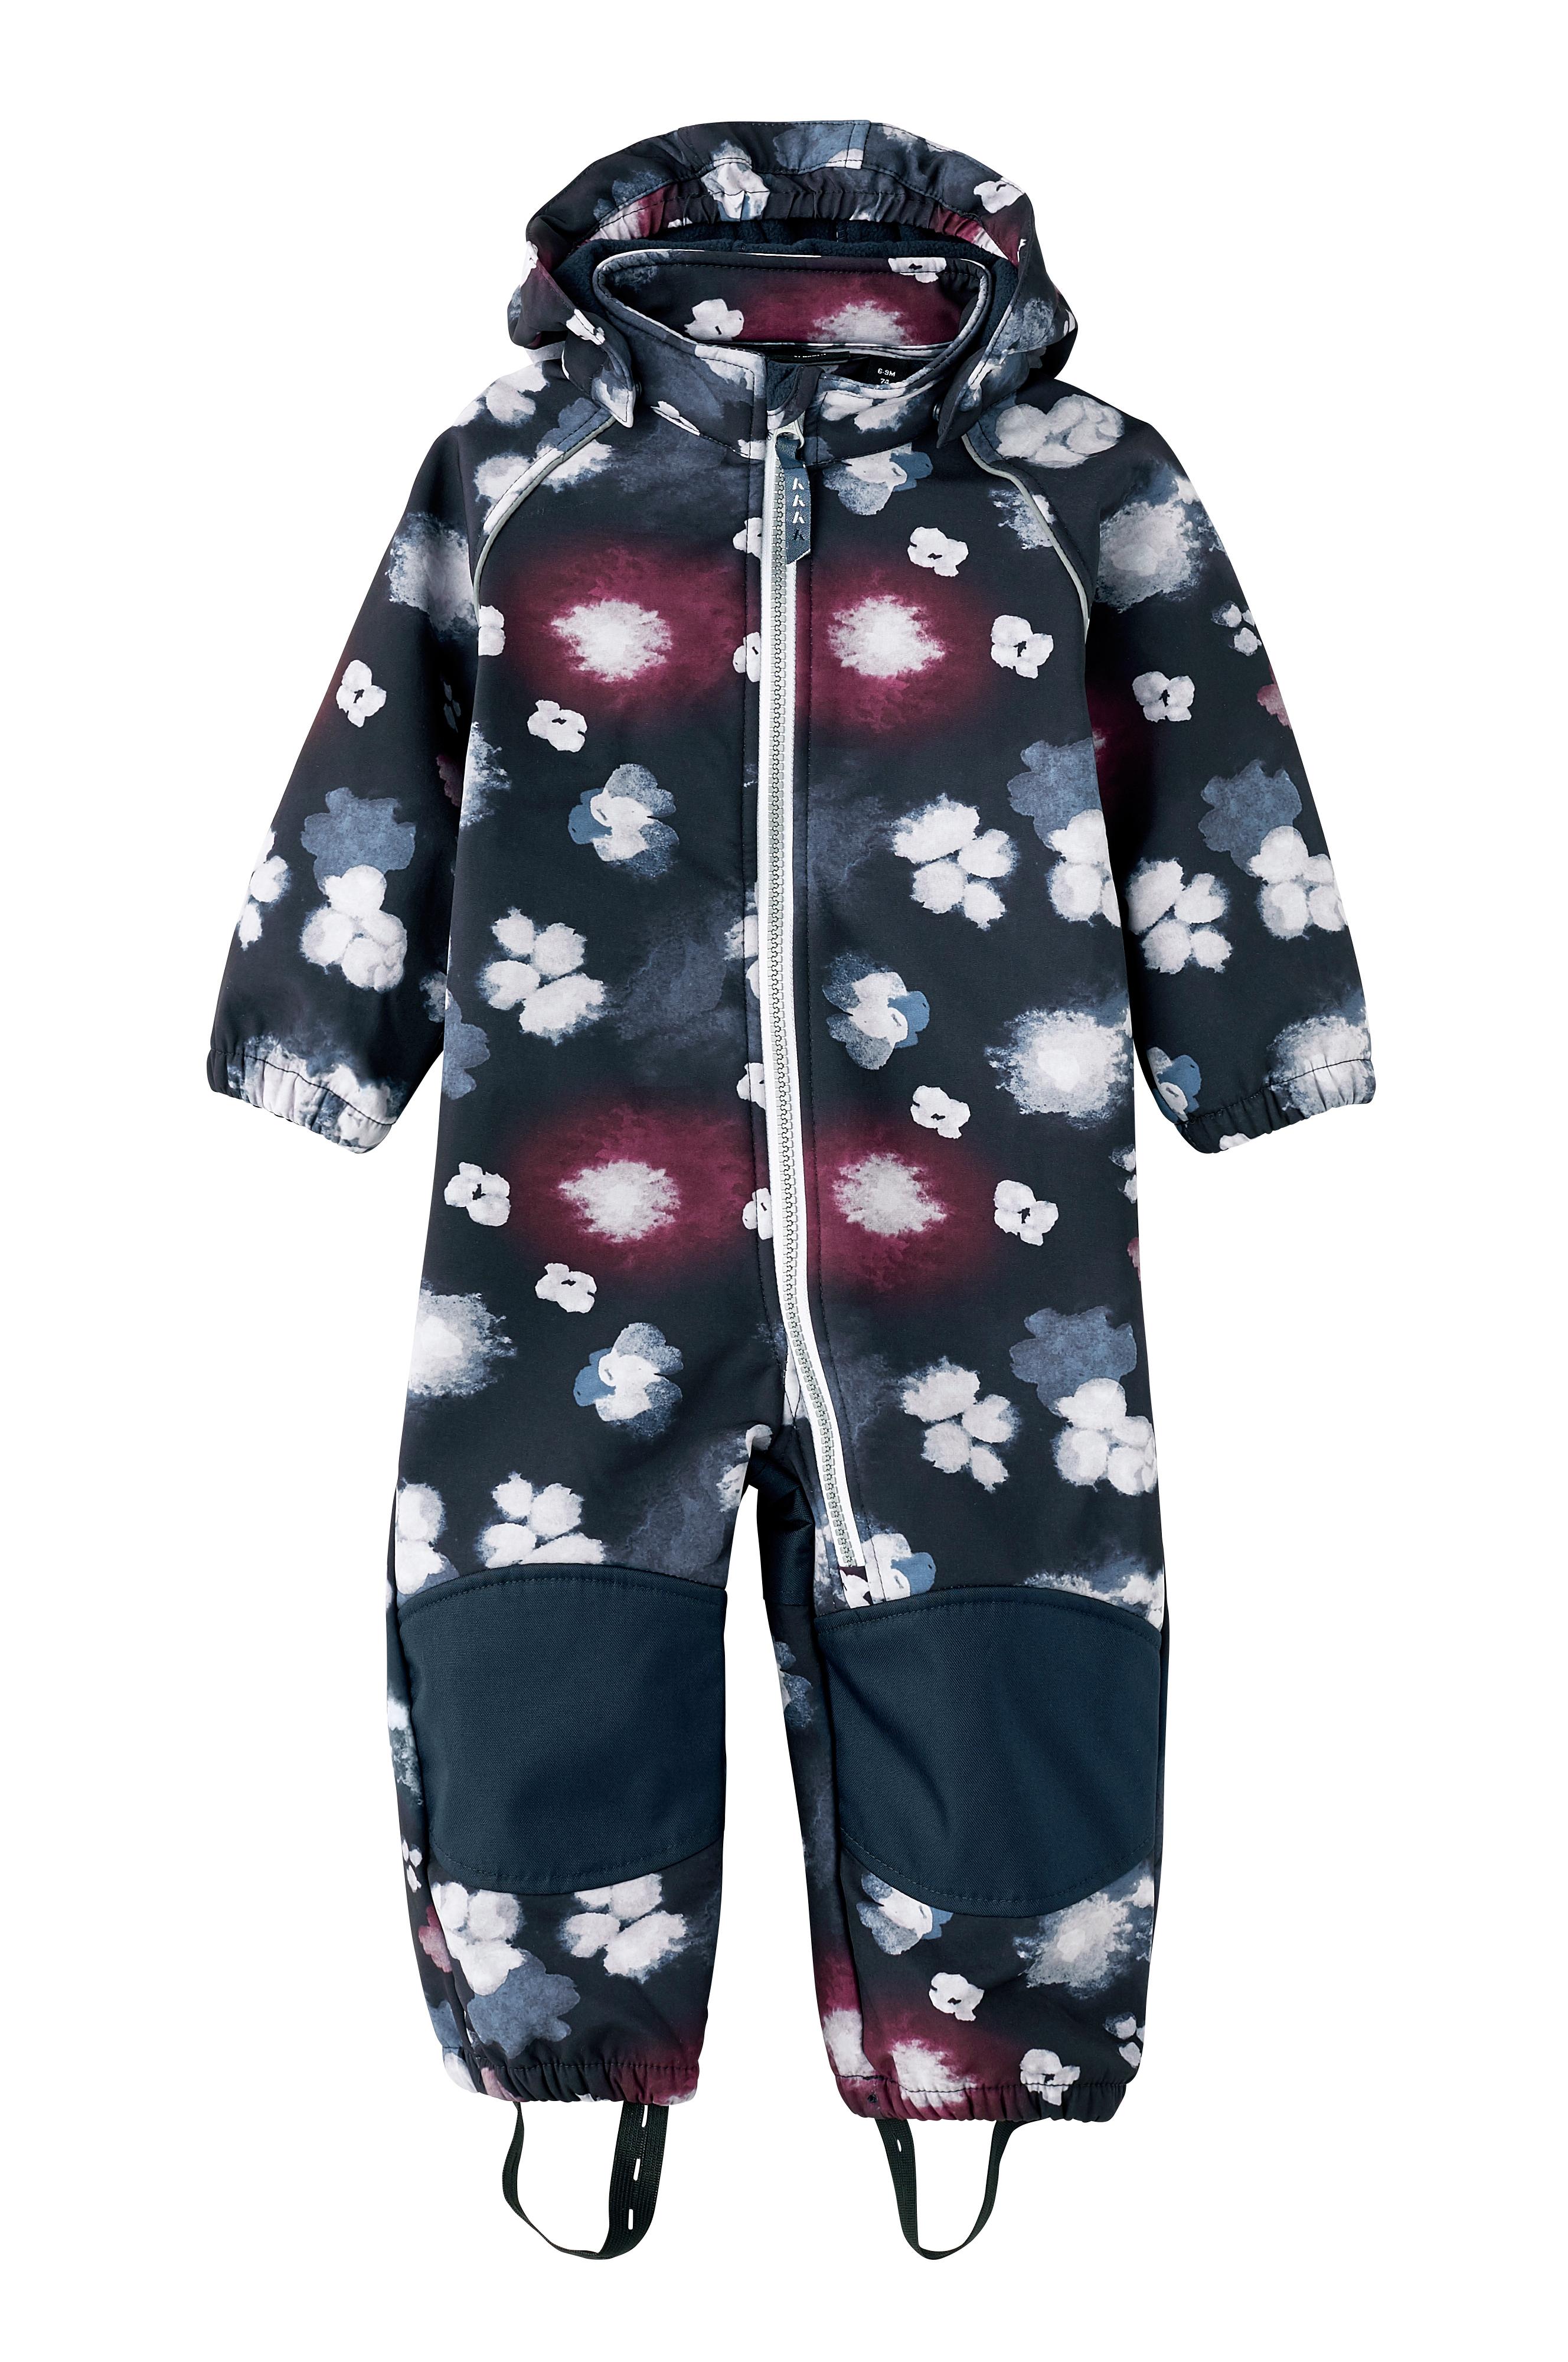 söpö halpa hyvin tiedossa valtava valikoima Name it mini NitAlfa Softshell Wholesuit Flower -haalari ...